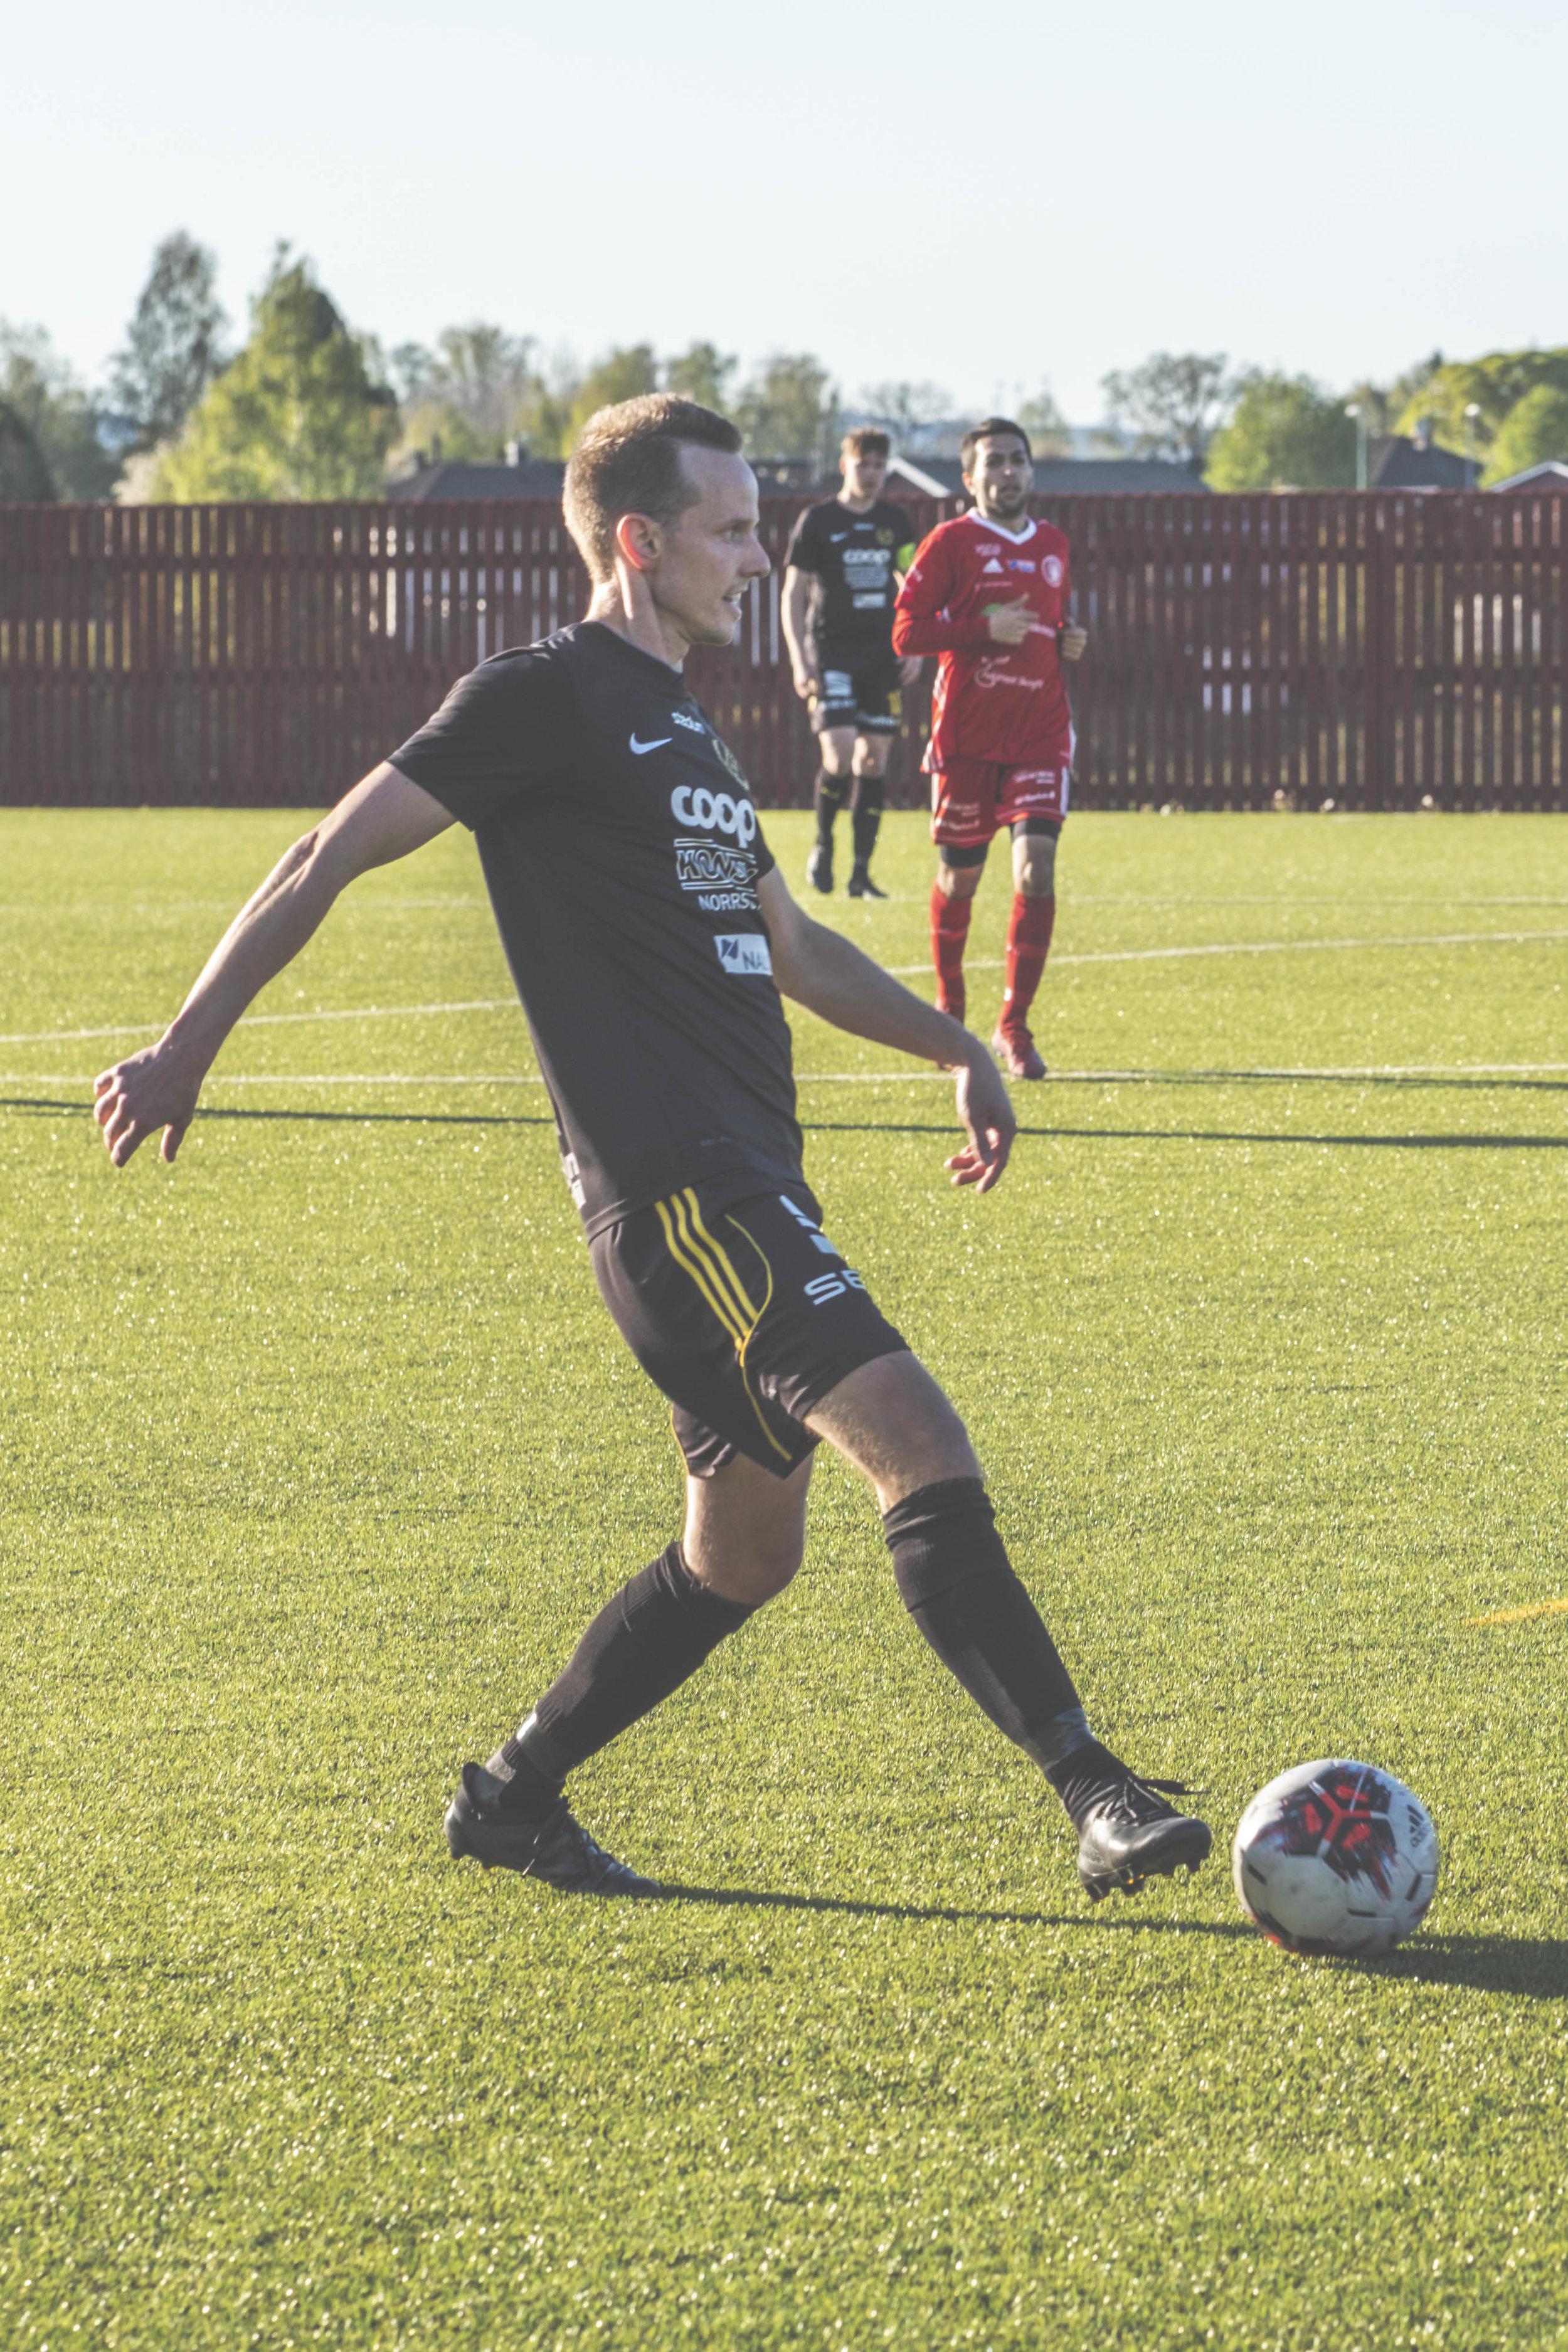 fotboll-v22-2019-0970.jpg